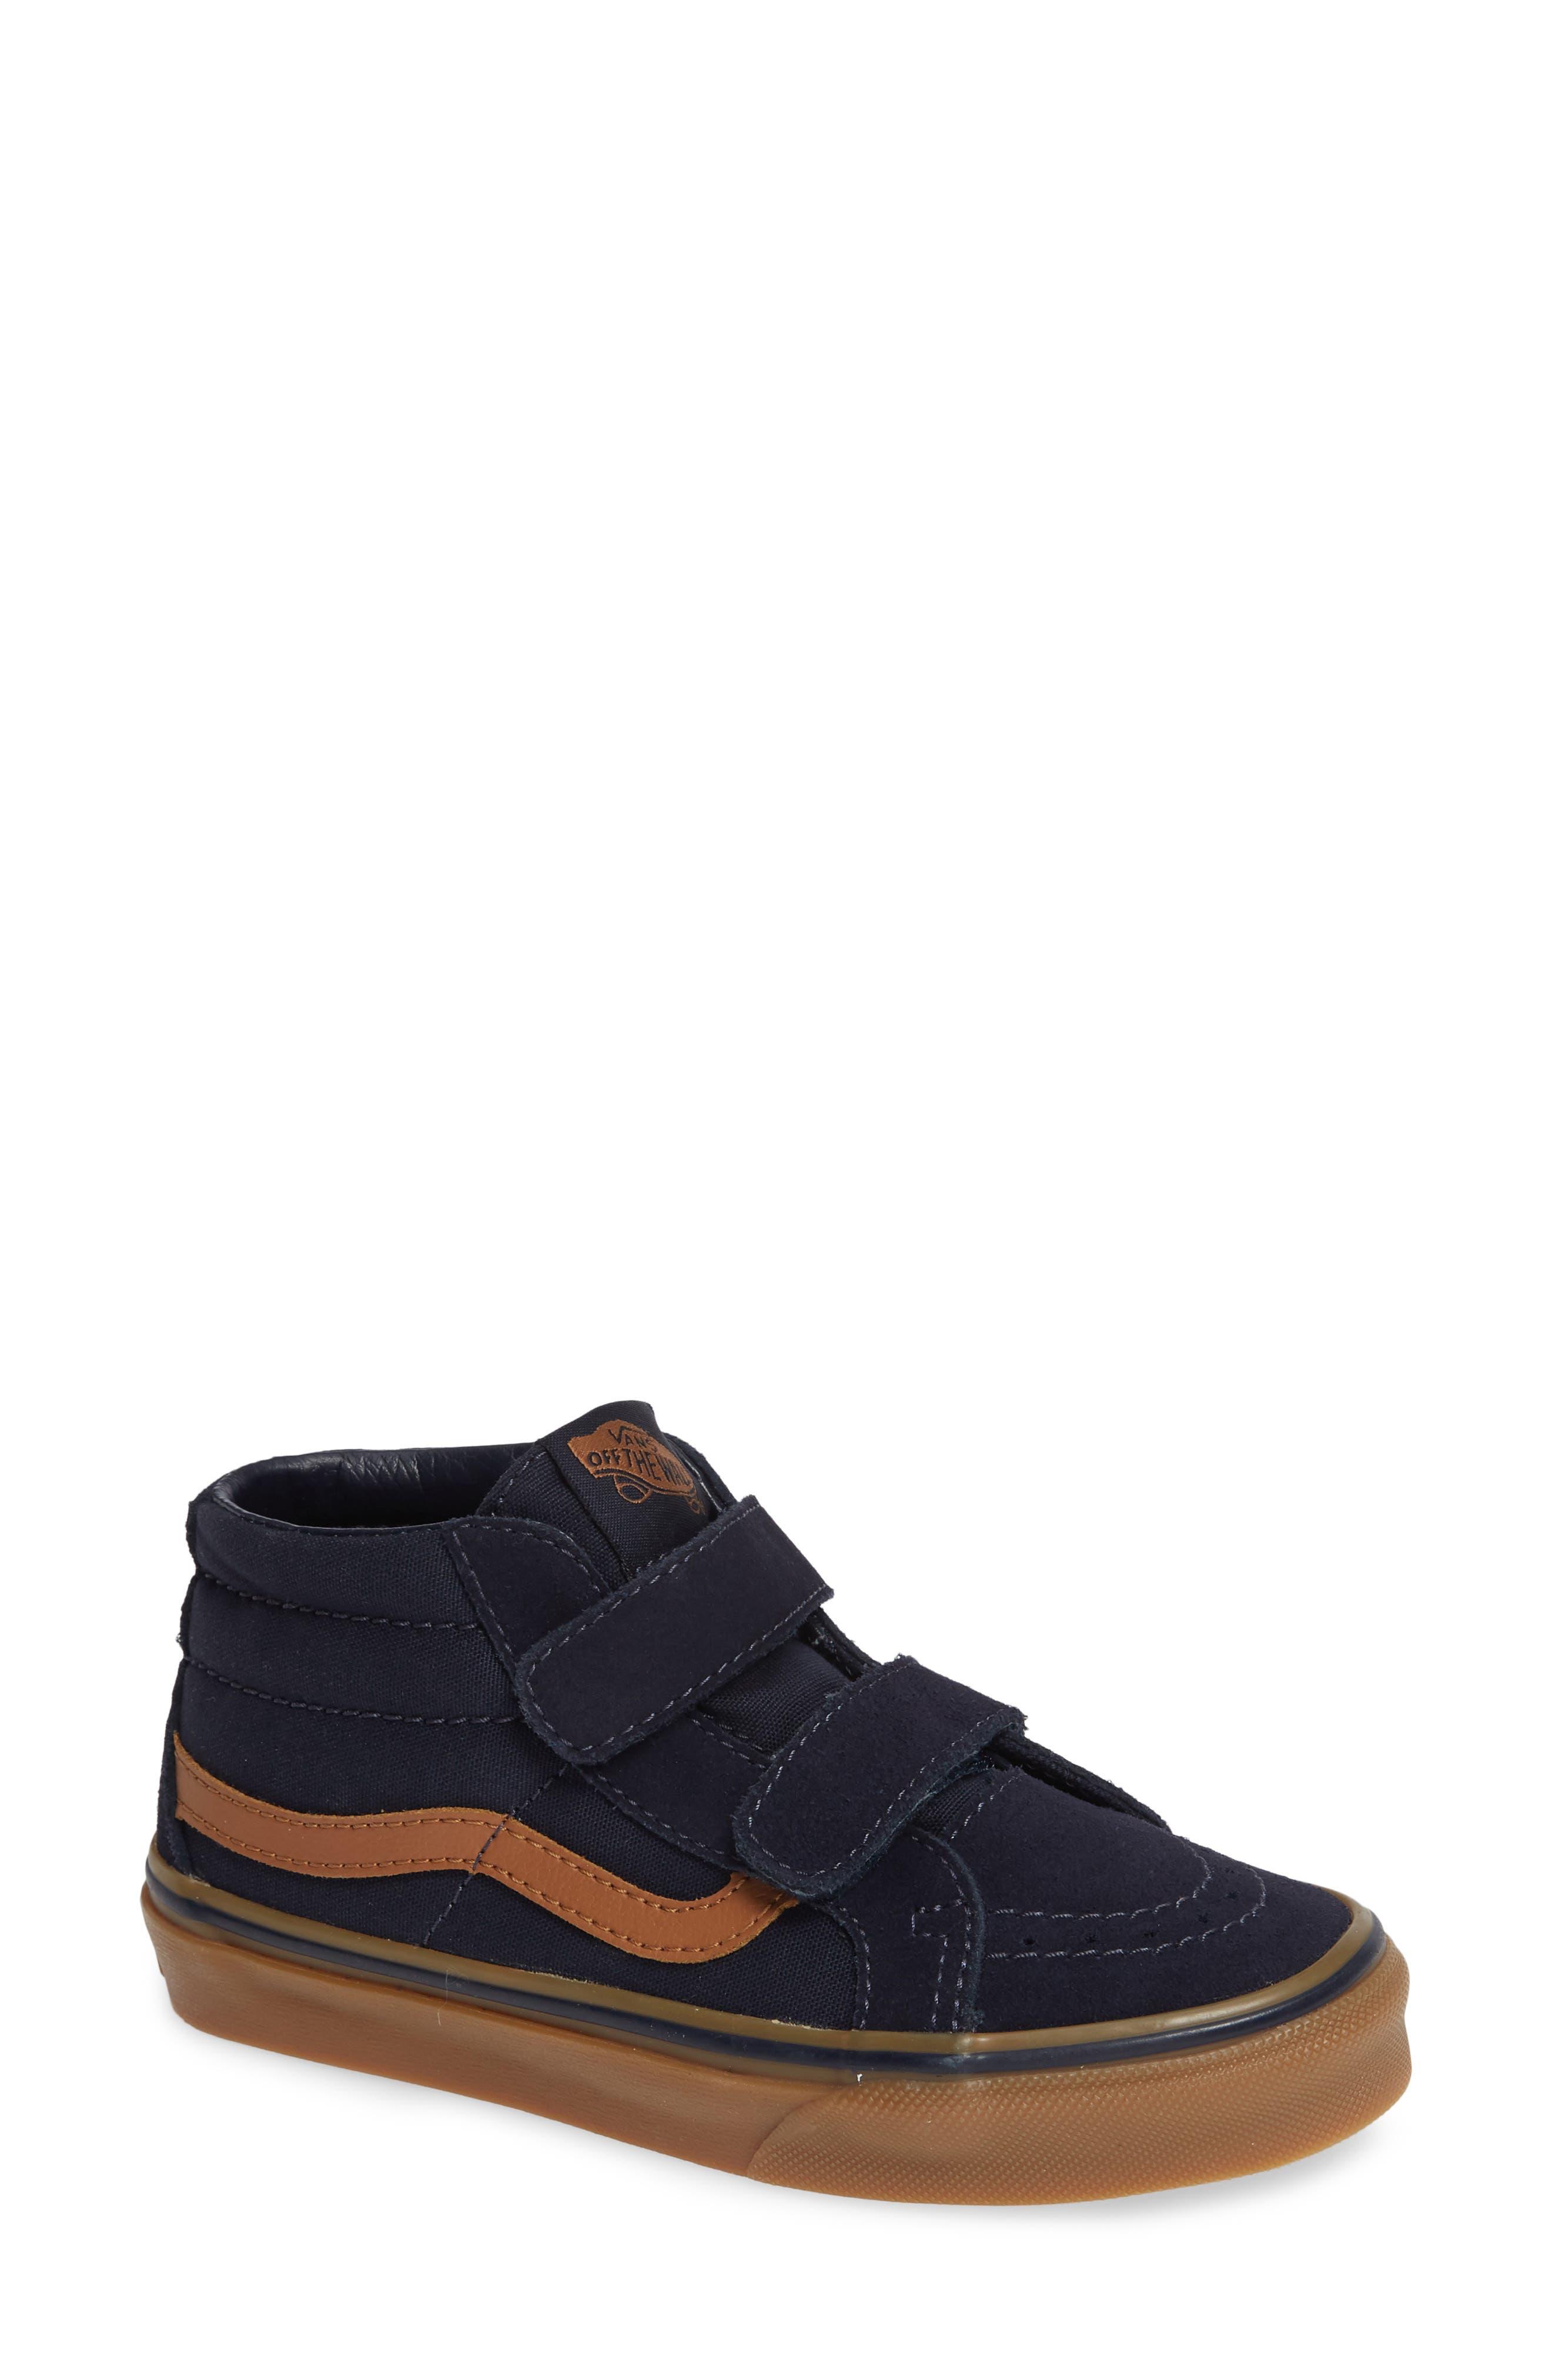 Sk8-Mid Reissue V Sneaker,                             Main thumbnail 1, color,                             SKY CAPTAIN/ GUM